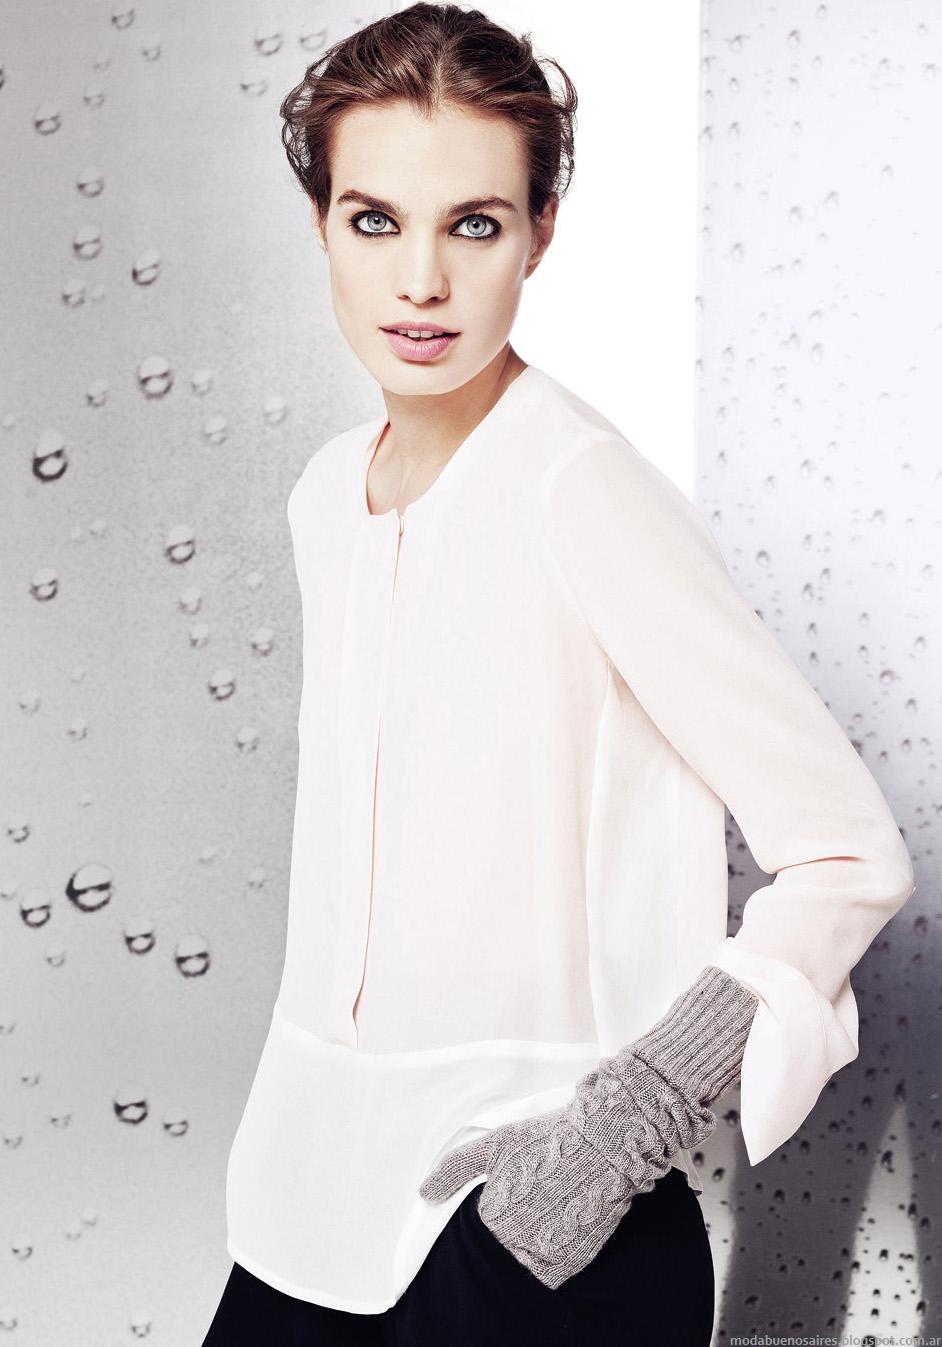 Blusas de moda invierno 2014 Graciela Naum colección.